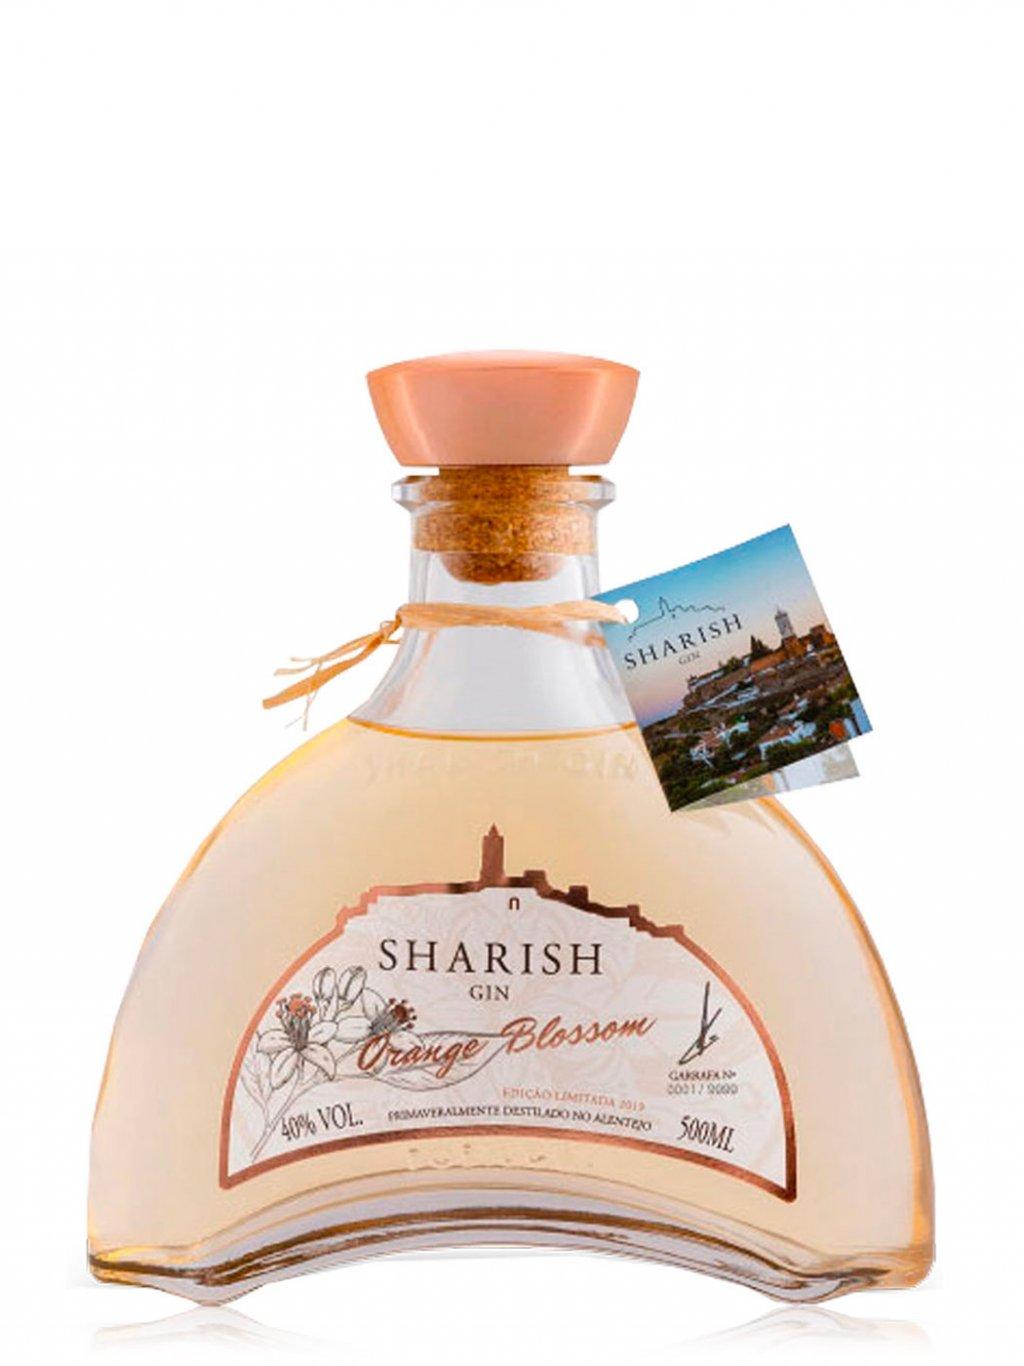 Sharish Orange Blossom Gin 500ml Cerfis Wines